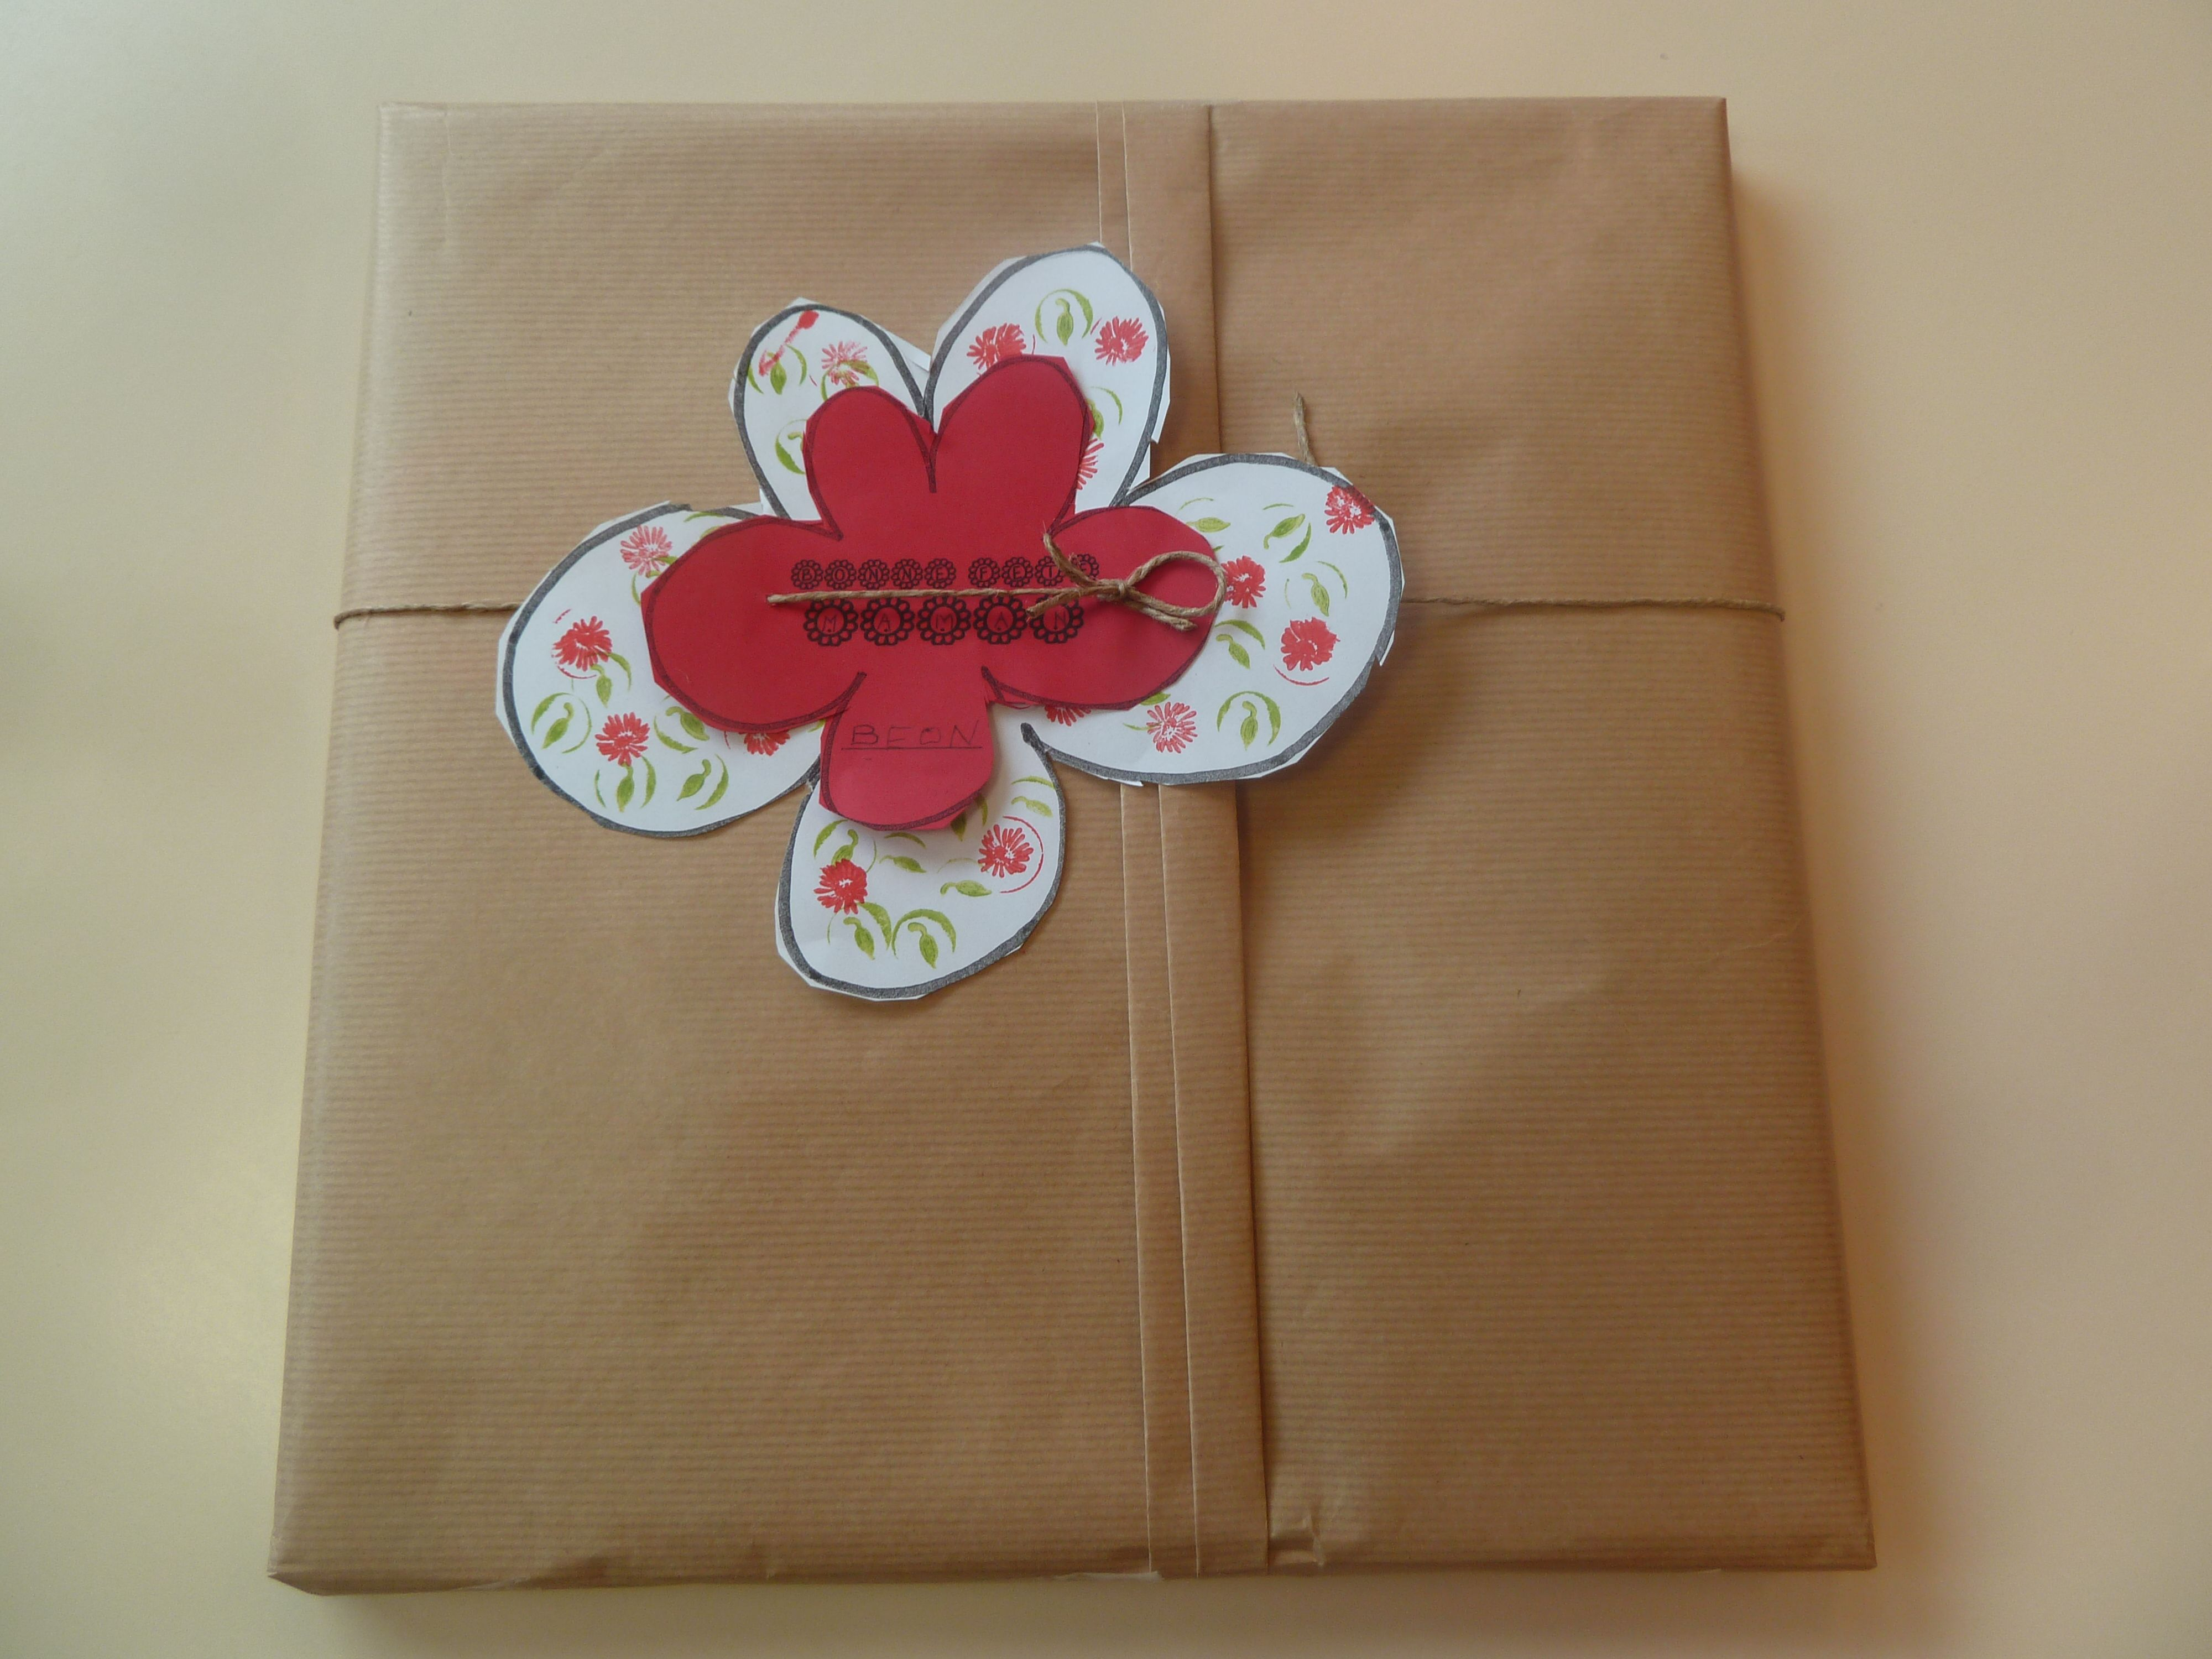 Emballage cadeau fête des mères 2013.